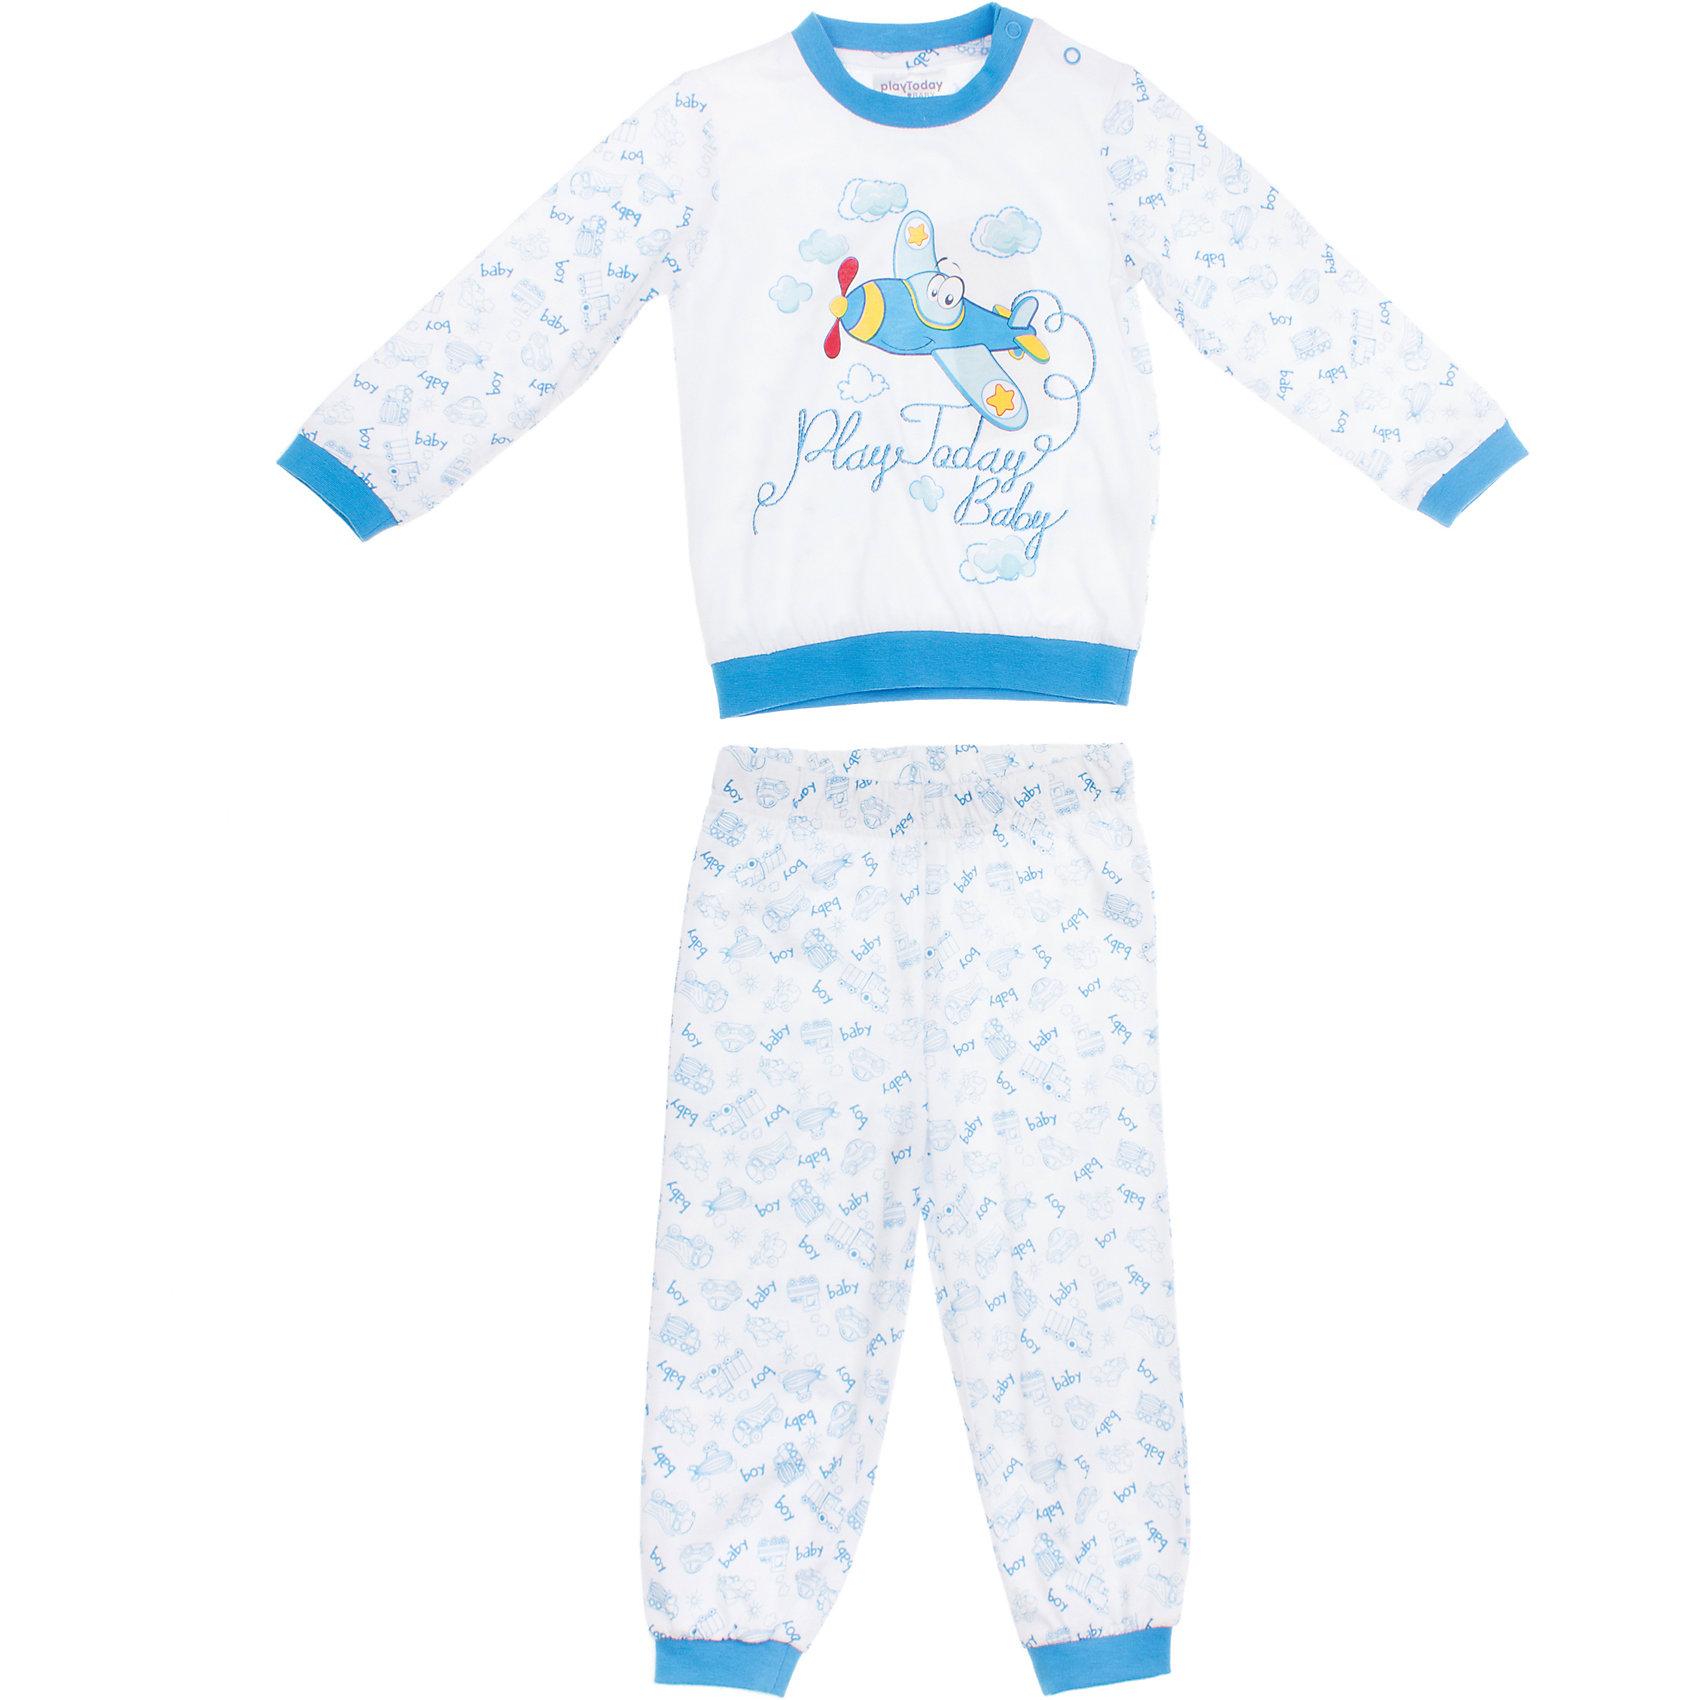 Комплект: футболка с длинным рукавом и брюки для мальчика PlayTodayПижамы и сорочки<br>Комплект: футболка с длинным рукавом и брюки для мальчика PlayToday <br><br>Состав: 100% хлопок <br><br>Комплект из футболки с длинными рукавами и спортивных брюк. <br>Футболка украшена водным принтом с самолетом. <br>Рукава и низ на резинке. <br>Застегивается на кнопки на плече. <br>Пояс и низ штанишек на мягкой резинке, есть регулирующий шнурок.<br><br>Ширина мм: 199<br>Глубина мм: 10<br>Высота мм: 161<br>Вес г: 151<br>Цвет: голубой<br>Возраст от месяцев: 18<br>Возраст до месяцев: 24<br>Пол: Мужской<br>Возраст: Детский<br>Размер: 92,74,86,80<br>SKU: 4502849